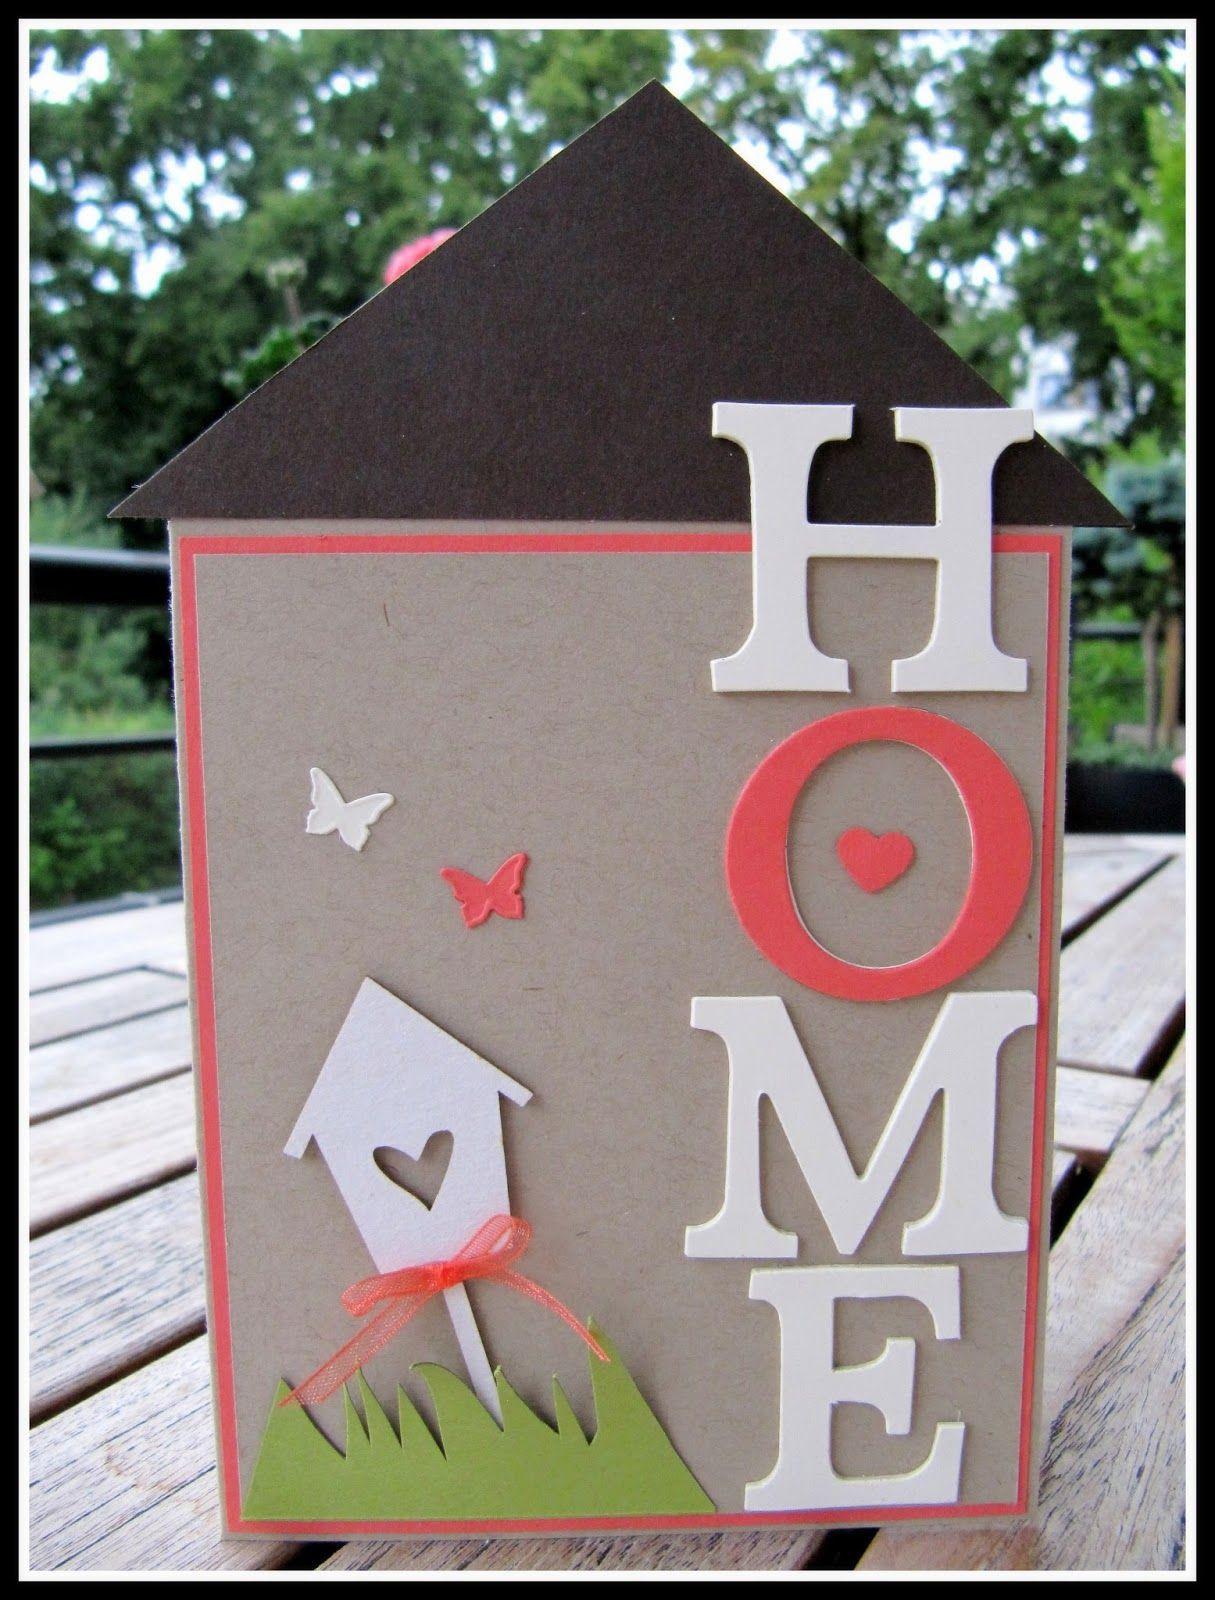 Geschenke Zum Einzug Ins Haus  Genial Geschenke Zum Einzug Ins Neue Haus